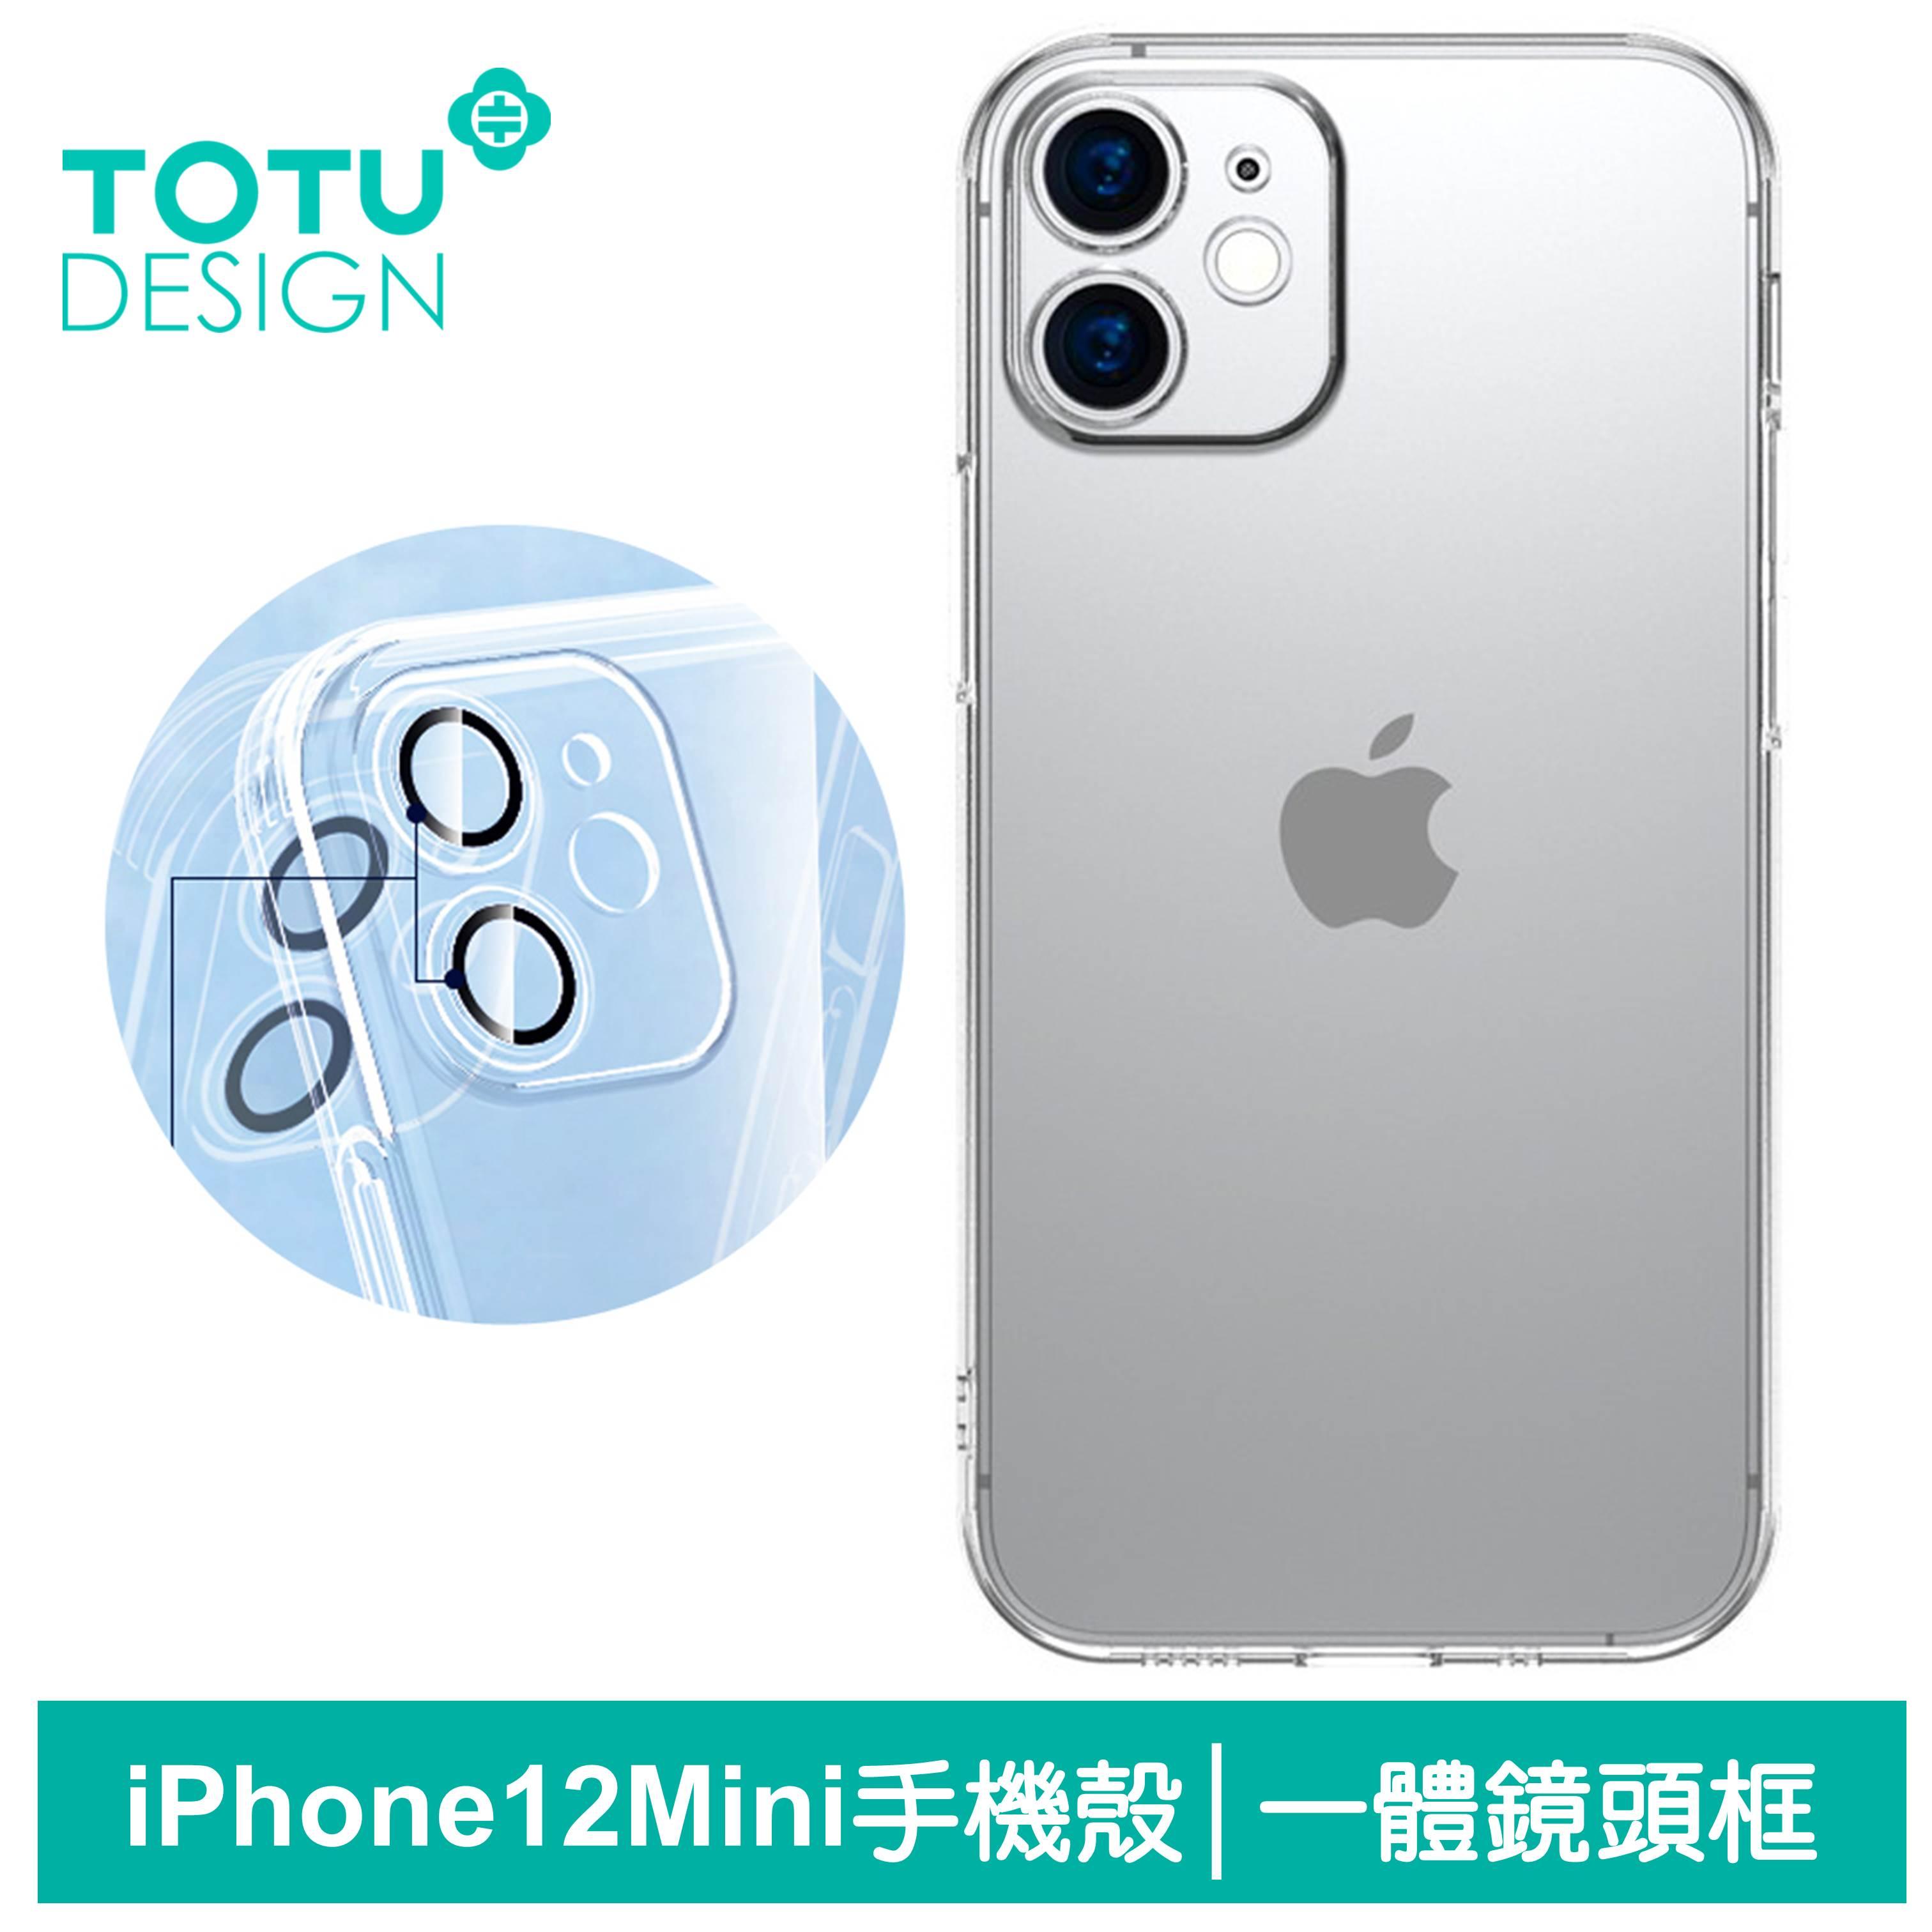 TOTU台灣官方 iPhone 12 Mini 手機殼 i12 Mini 保護殼 5.4吋 防摔殼 軟殼 一體鏡頭框 柔精裝 透明